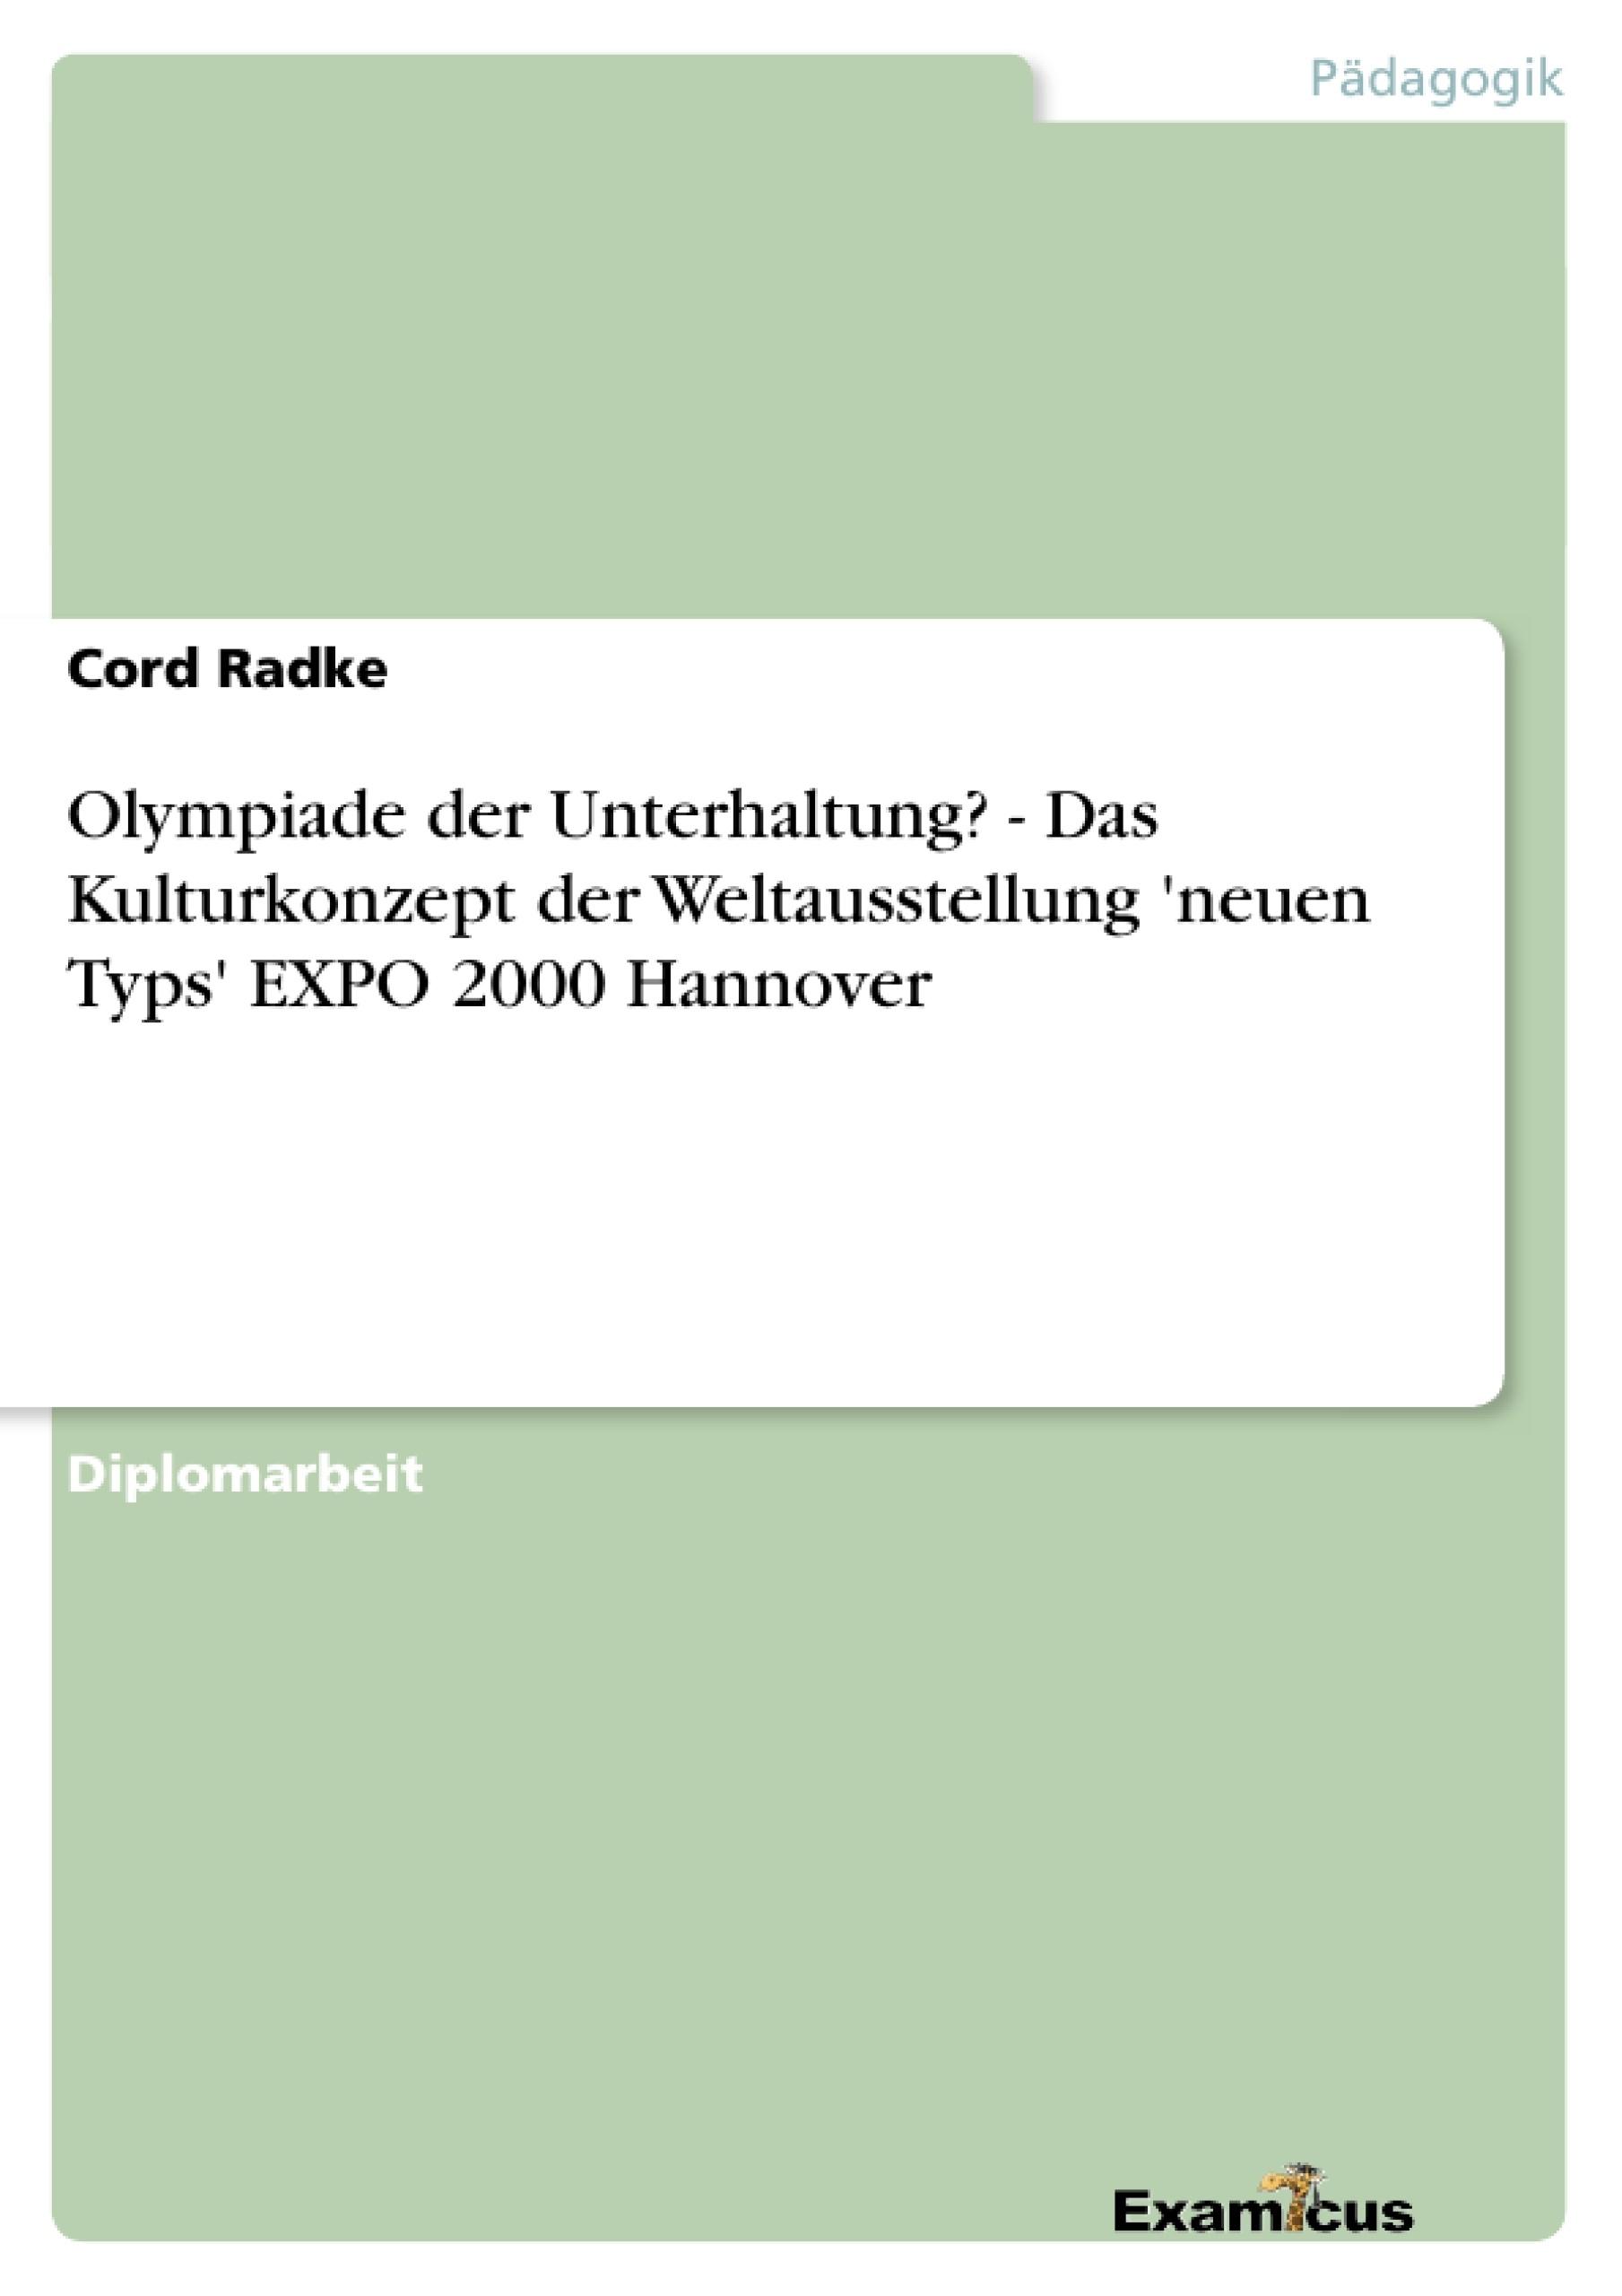 Titel: Olympiade der Unterhaltung? - Das Kulturkonzept der Weltausstellung 'neuen Typs' EXPO 2000 Hannover